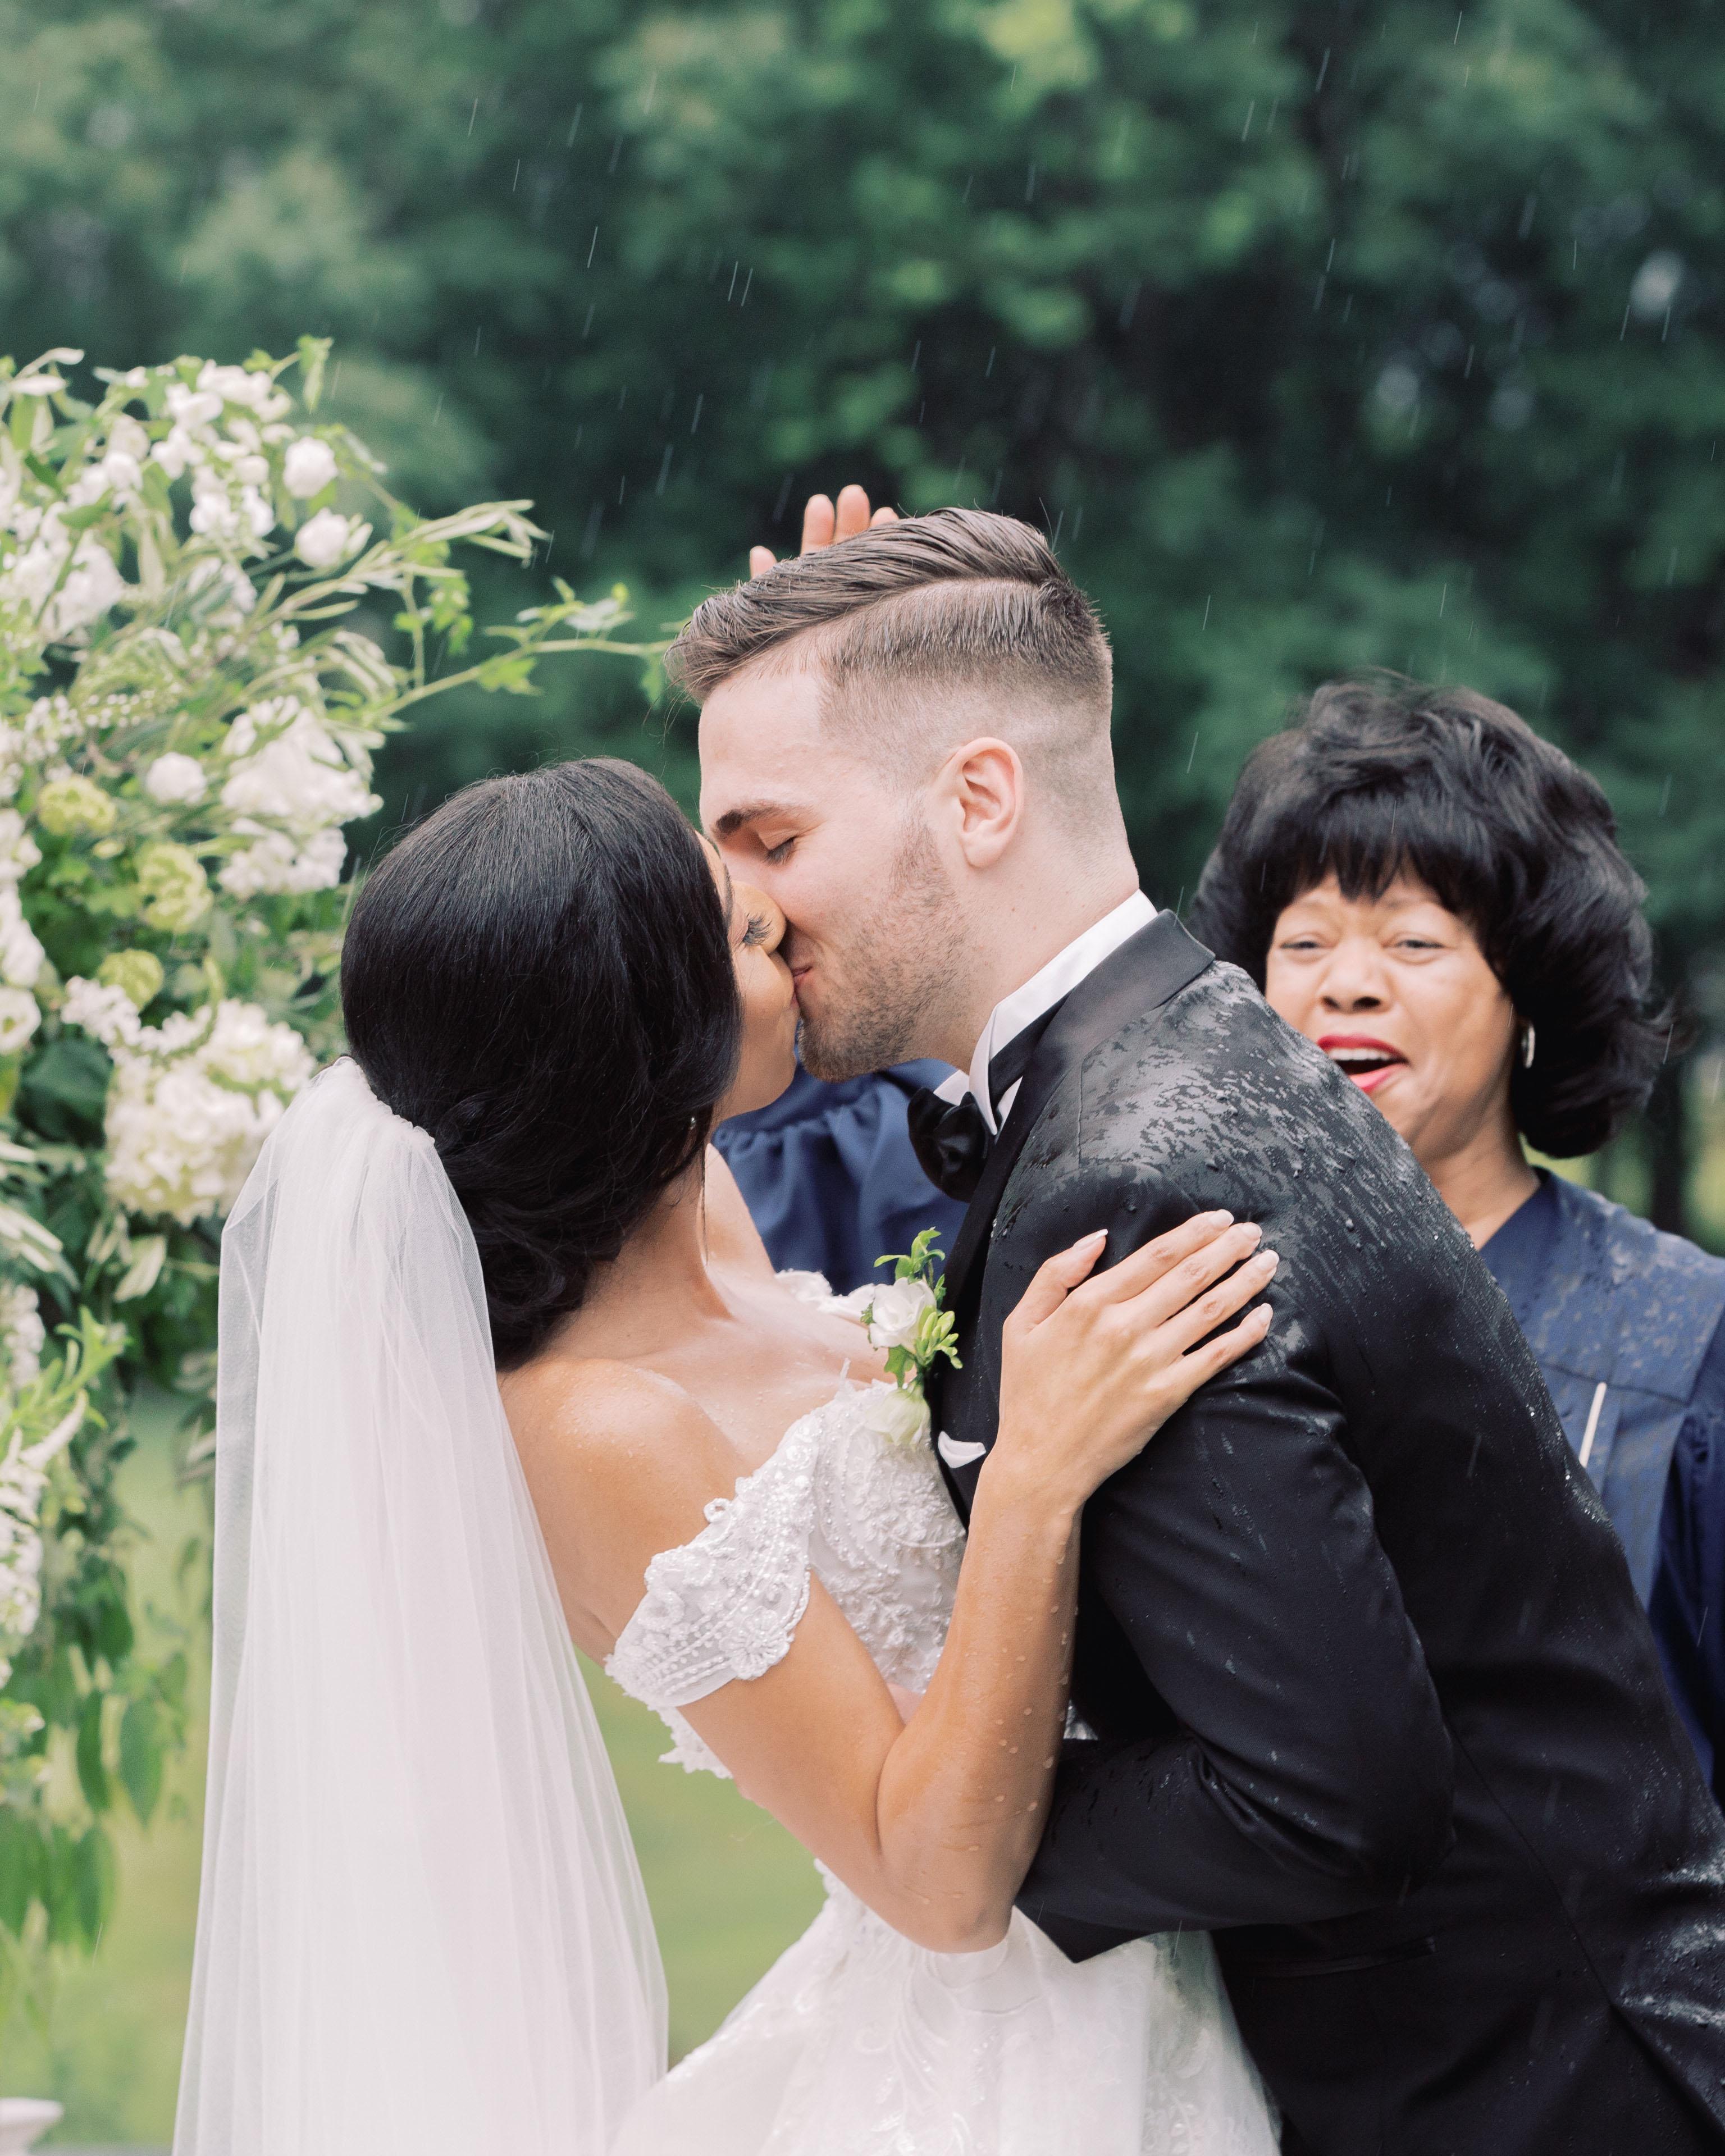 macey joshua ceremony kiss